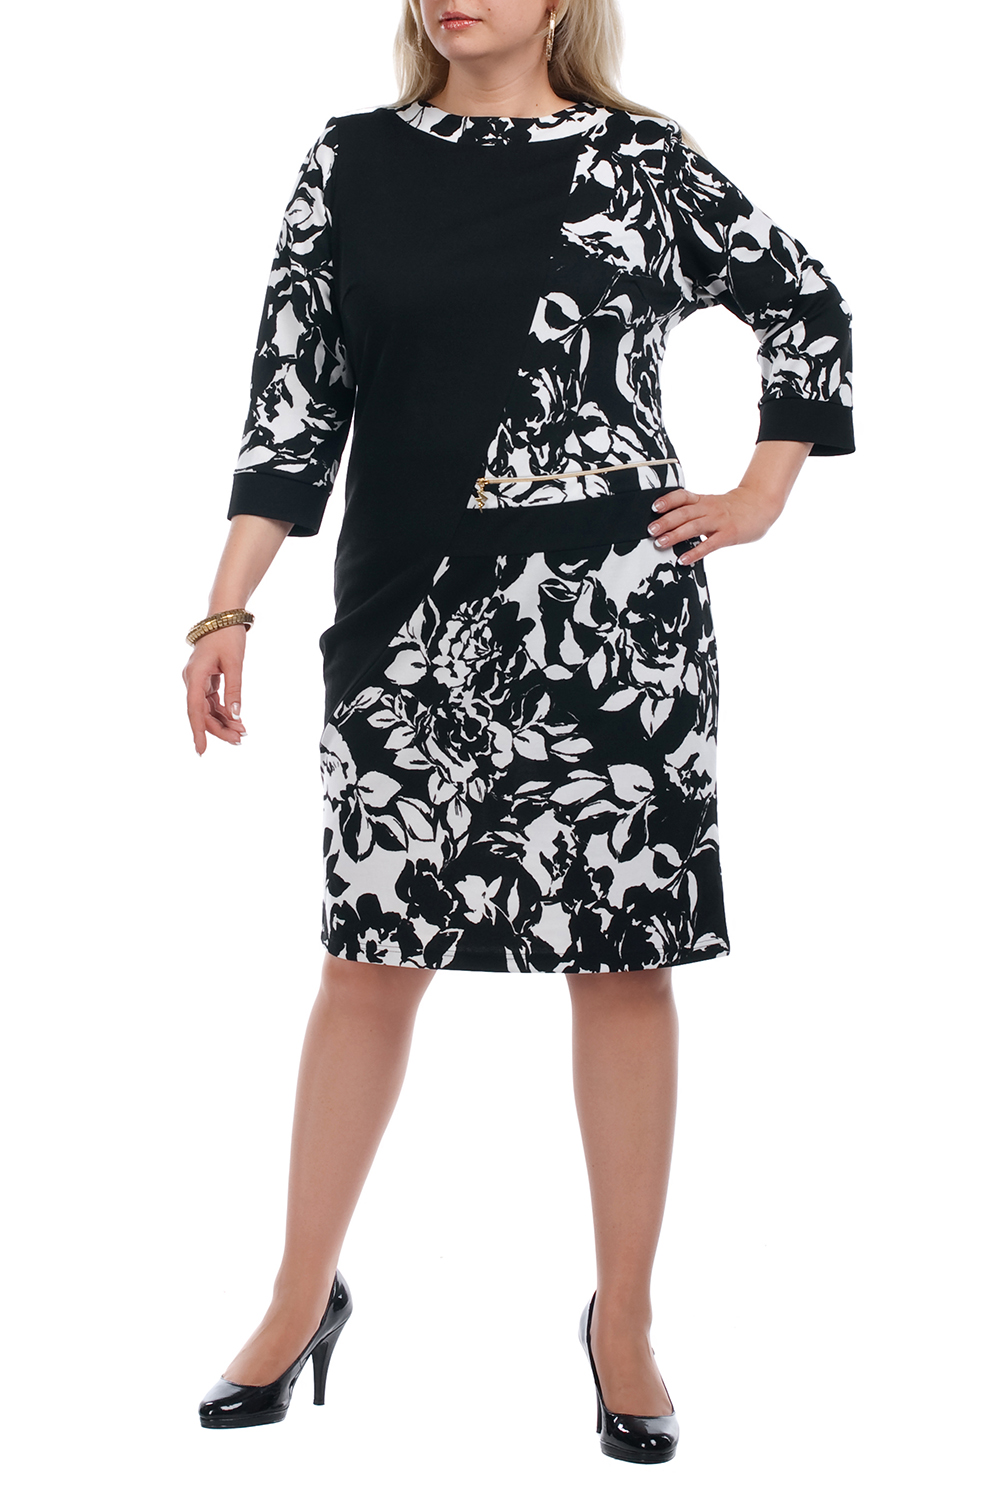 ПлатьеПлатья<br>Повседневное платье с круглой горловиной и рукавами 3/4. Модель выполнена из плотного трикотажа. Отличный выбор для повседневного гардероба.  Цвет: черный, белый  Рост девушки-фотомодели 173 см.<br><br>Горловина: С- горловина<br>По длине: Ниже колена<br>По материалу: Вискоза,Трикотаж<br>По рисунку: Абстракция,Цветные<br>По сезону: Весна,Осень,Зима<br>По силуэту: Полуприталенные<br>По стилю: Повседневный стиль<br>По форме: Платье - футляр<br>Рукав: Рукав три четверти<br>Размер : 52,54,56,62,64,66,68,70<br>Материал: Трикотаж<br>Количество в наличии: 21